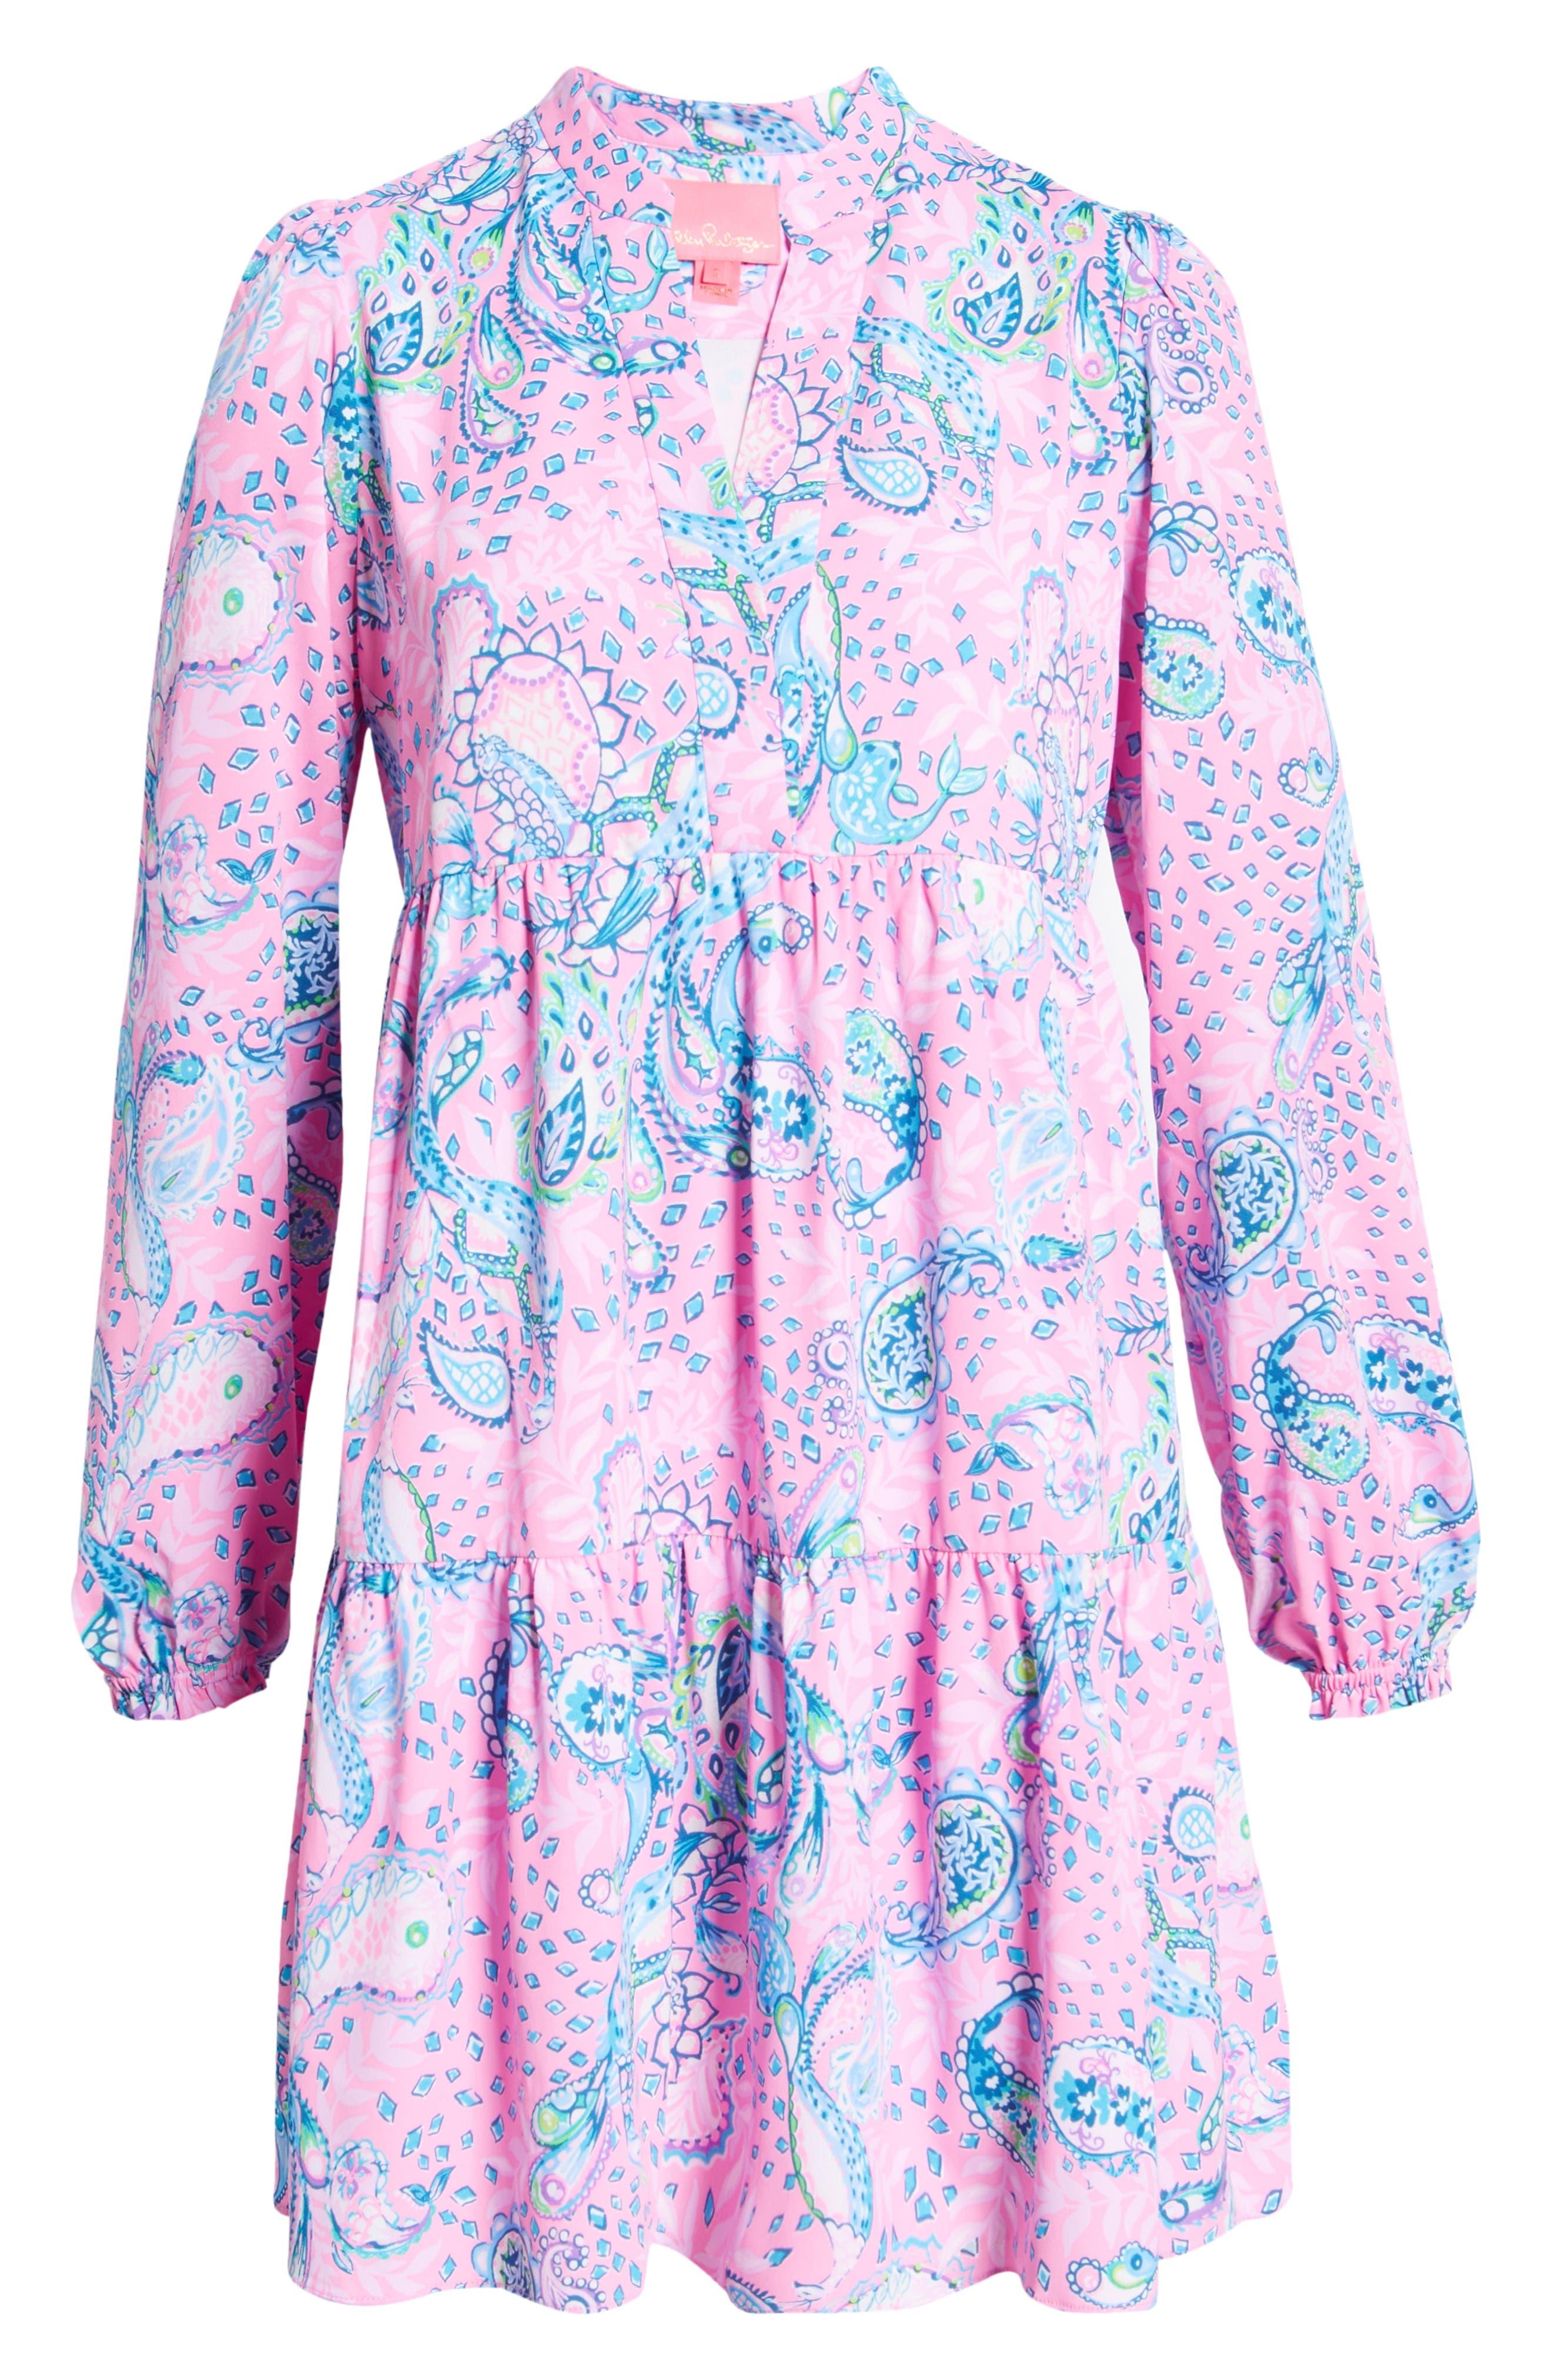 Women's Lilly Pulitzer Winona Long Sleeve Dress